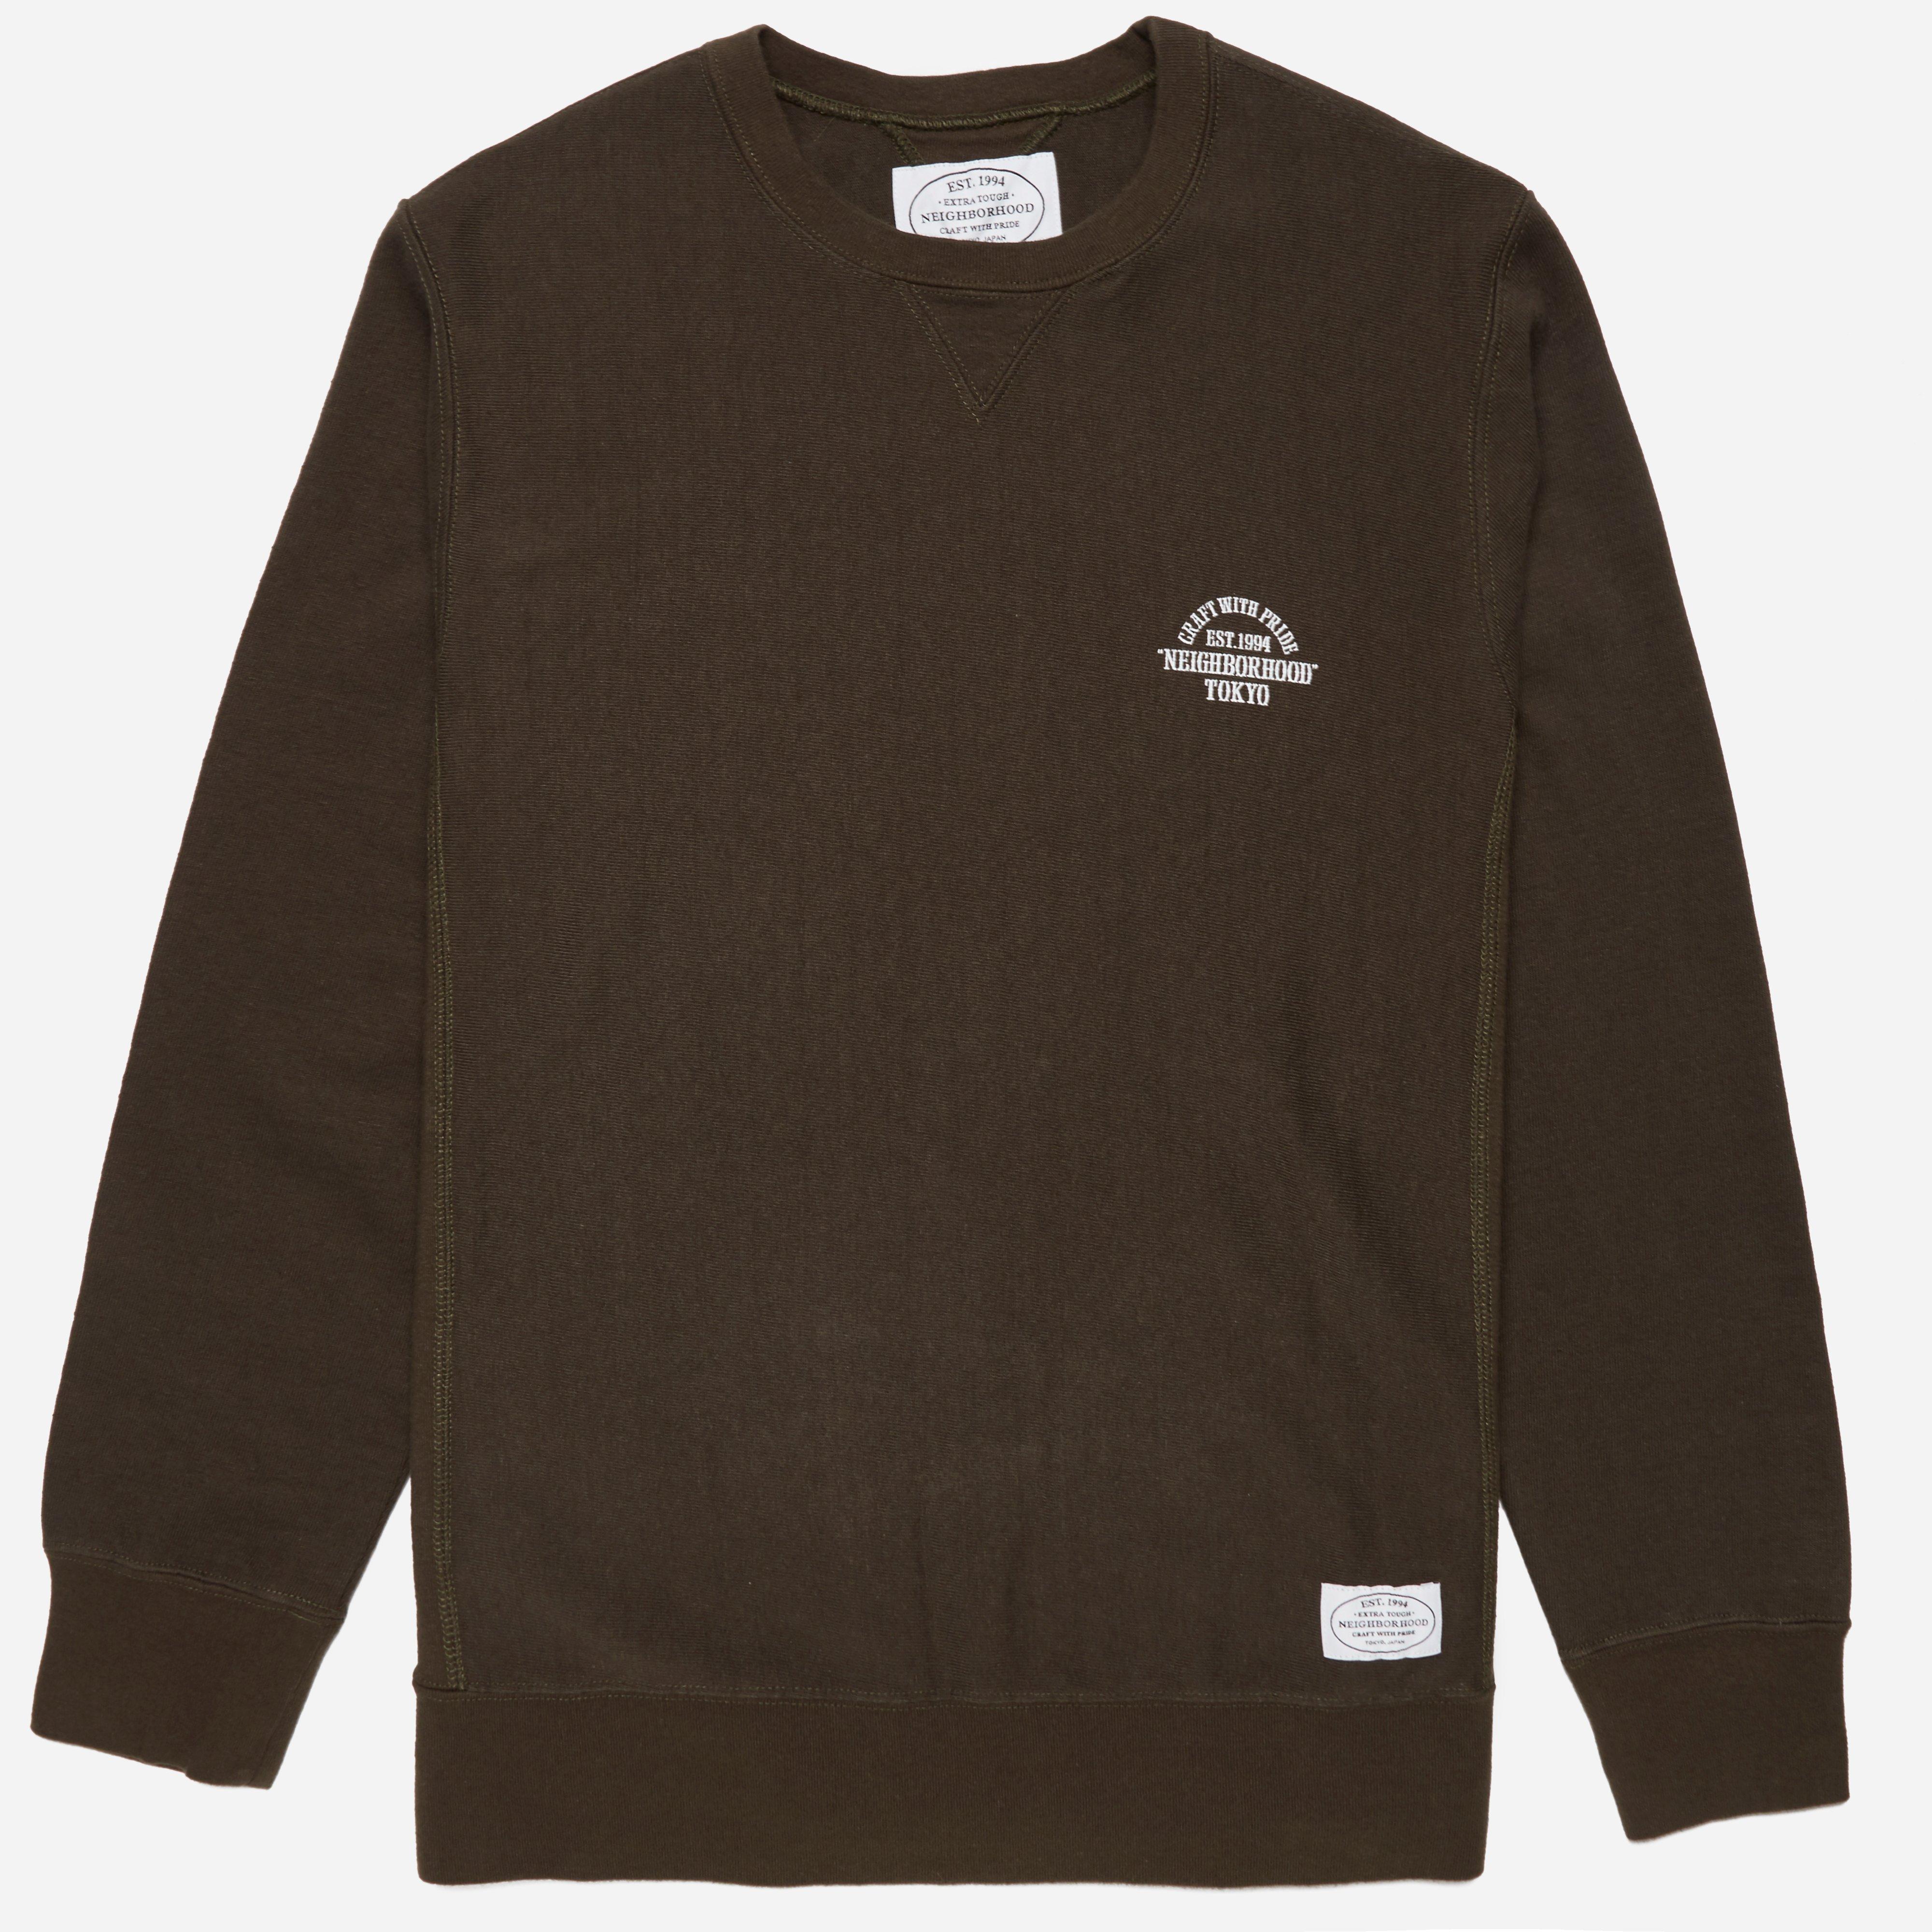 Neighborhood C.W.P Crew Sweatshirt